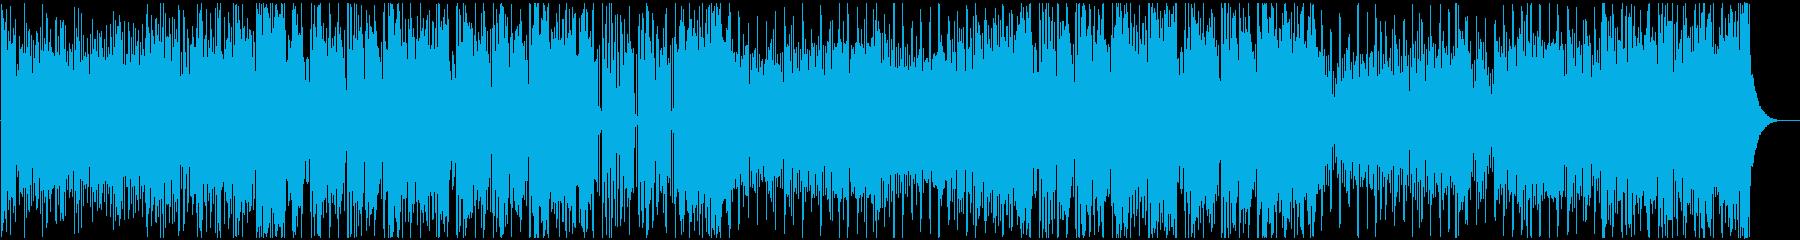 クールなFuture Bass Vo有の再生済みの波形